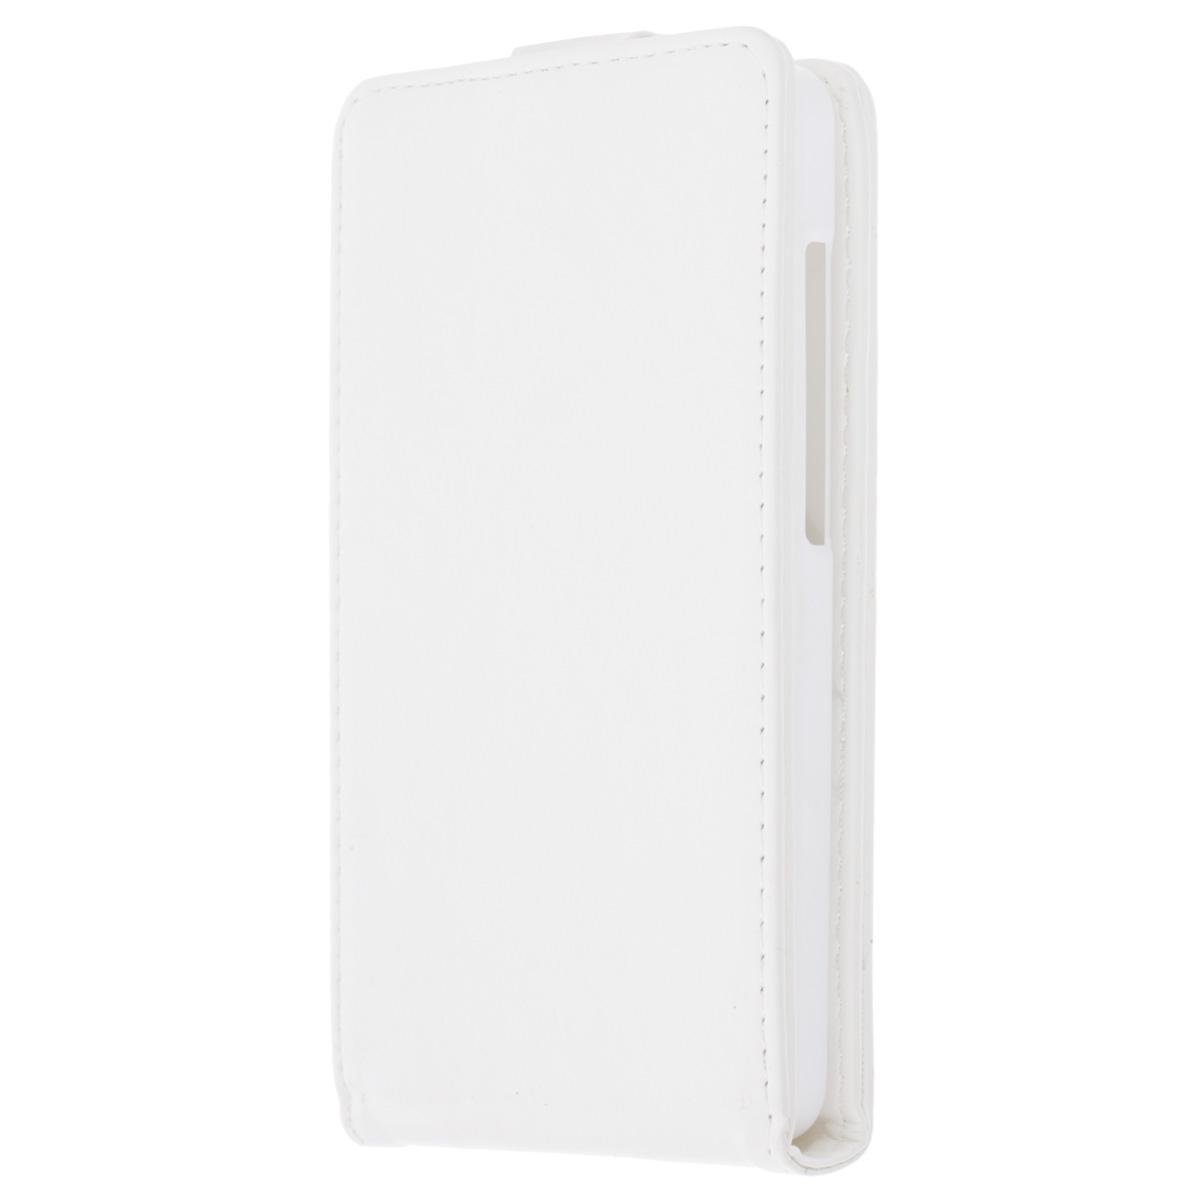 Skinbox Flip Case чехол для Asus Zenfone 5 Lite, WhiteT-F-AZP5LФлип-кейс Skinbox для Asus Zenfone 5 Lite не ограничивает функционал мобильного телефона. Адаптированная форма оставляет необходимые элементы устройства, такие как разъемы, камера, порт передачи данных, микрофон и динамики легко доступными.Качественная искусственная кожа, из которой изготовлен чехол, очень прочна и практична, а также идеально соответствует натуральной коже и создает приятные ощущения при касании. Смартфон фиксируется на жесткой основе из прочного пластика, которая не только защищает смартфон от ударов, но и максимально долго сохраняет свою форму. Передняя панель флип-кейса закрепляется магнитной застежкой, предотвращающей раскрытие чехла и повреждение дисплея вашего устройства.